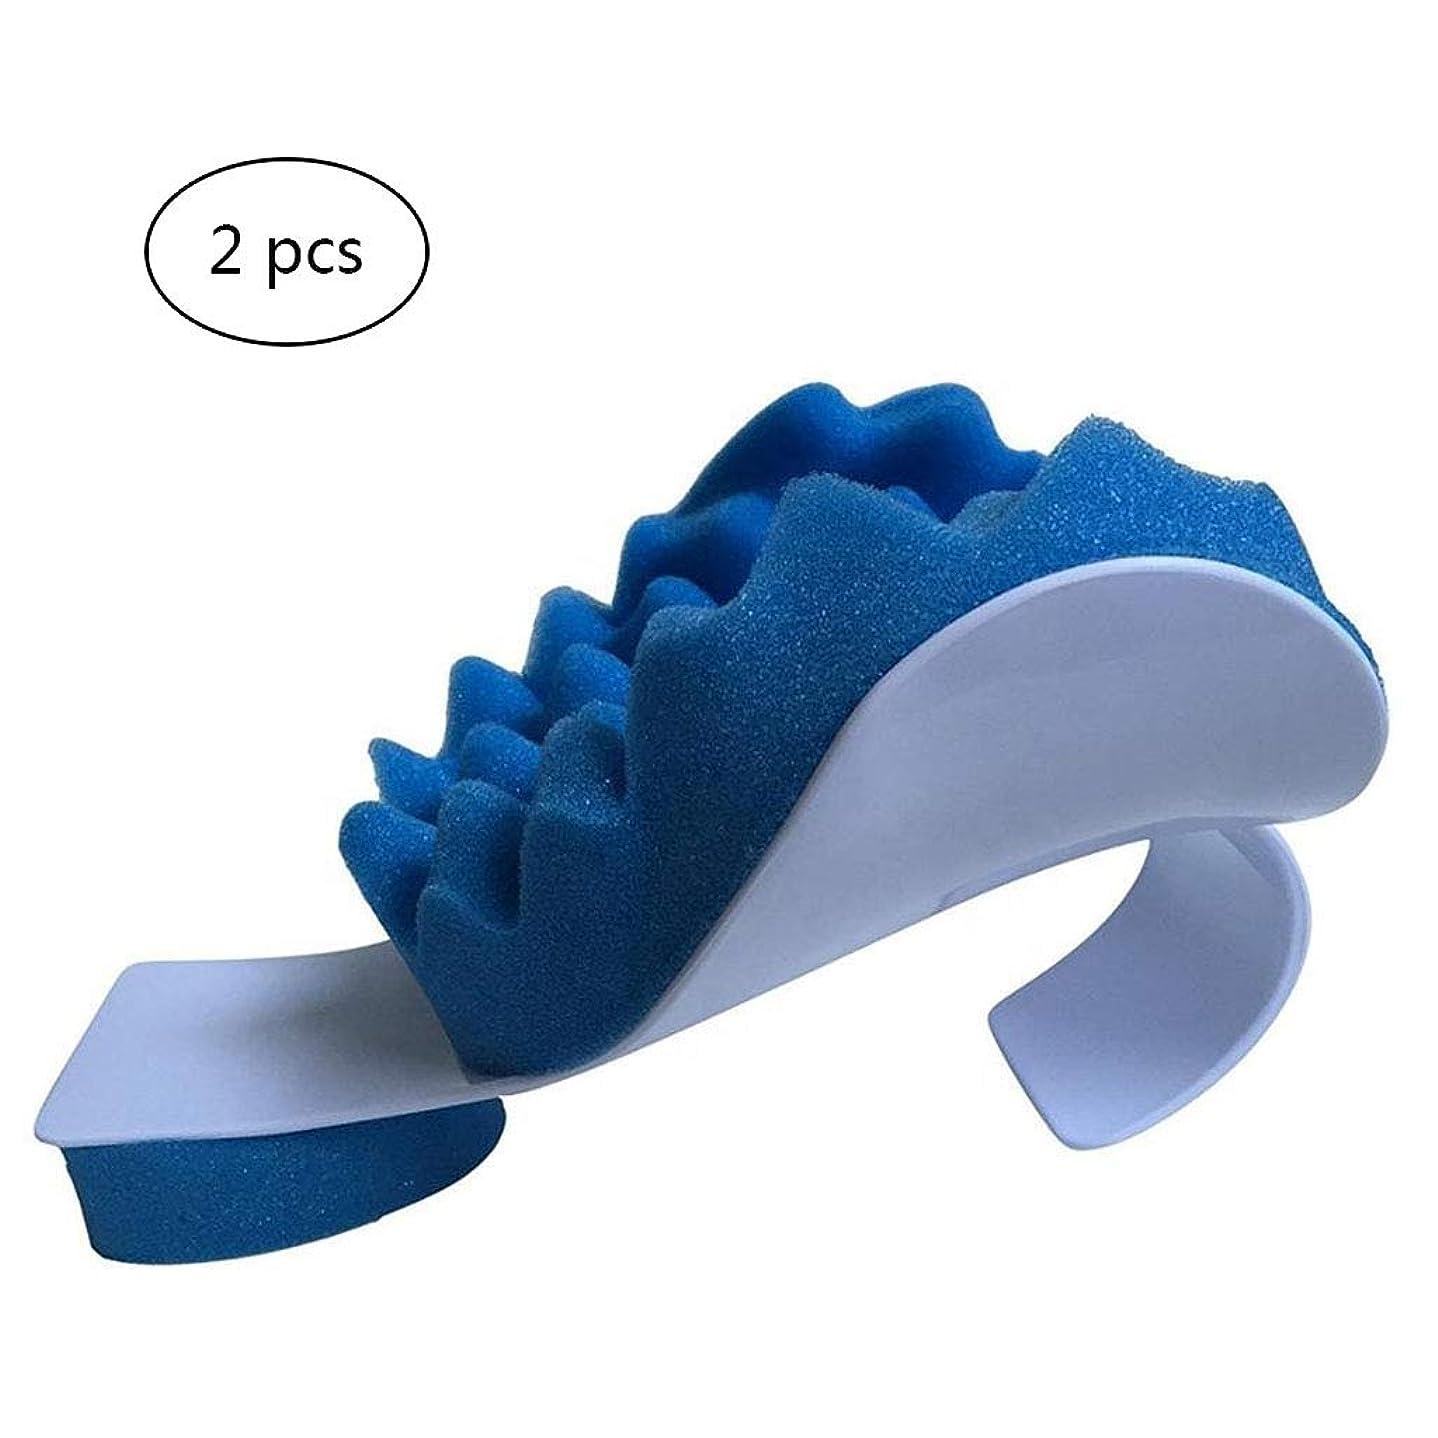 ためらうどのくらいの頻度で極端なマッサージ牽引枕、カイロプラクティック枕、首と肩のリラクサー頸部枕首の鎮痛管理と頸椎アライメントのための牽引装置